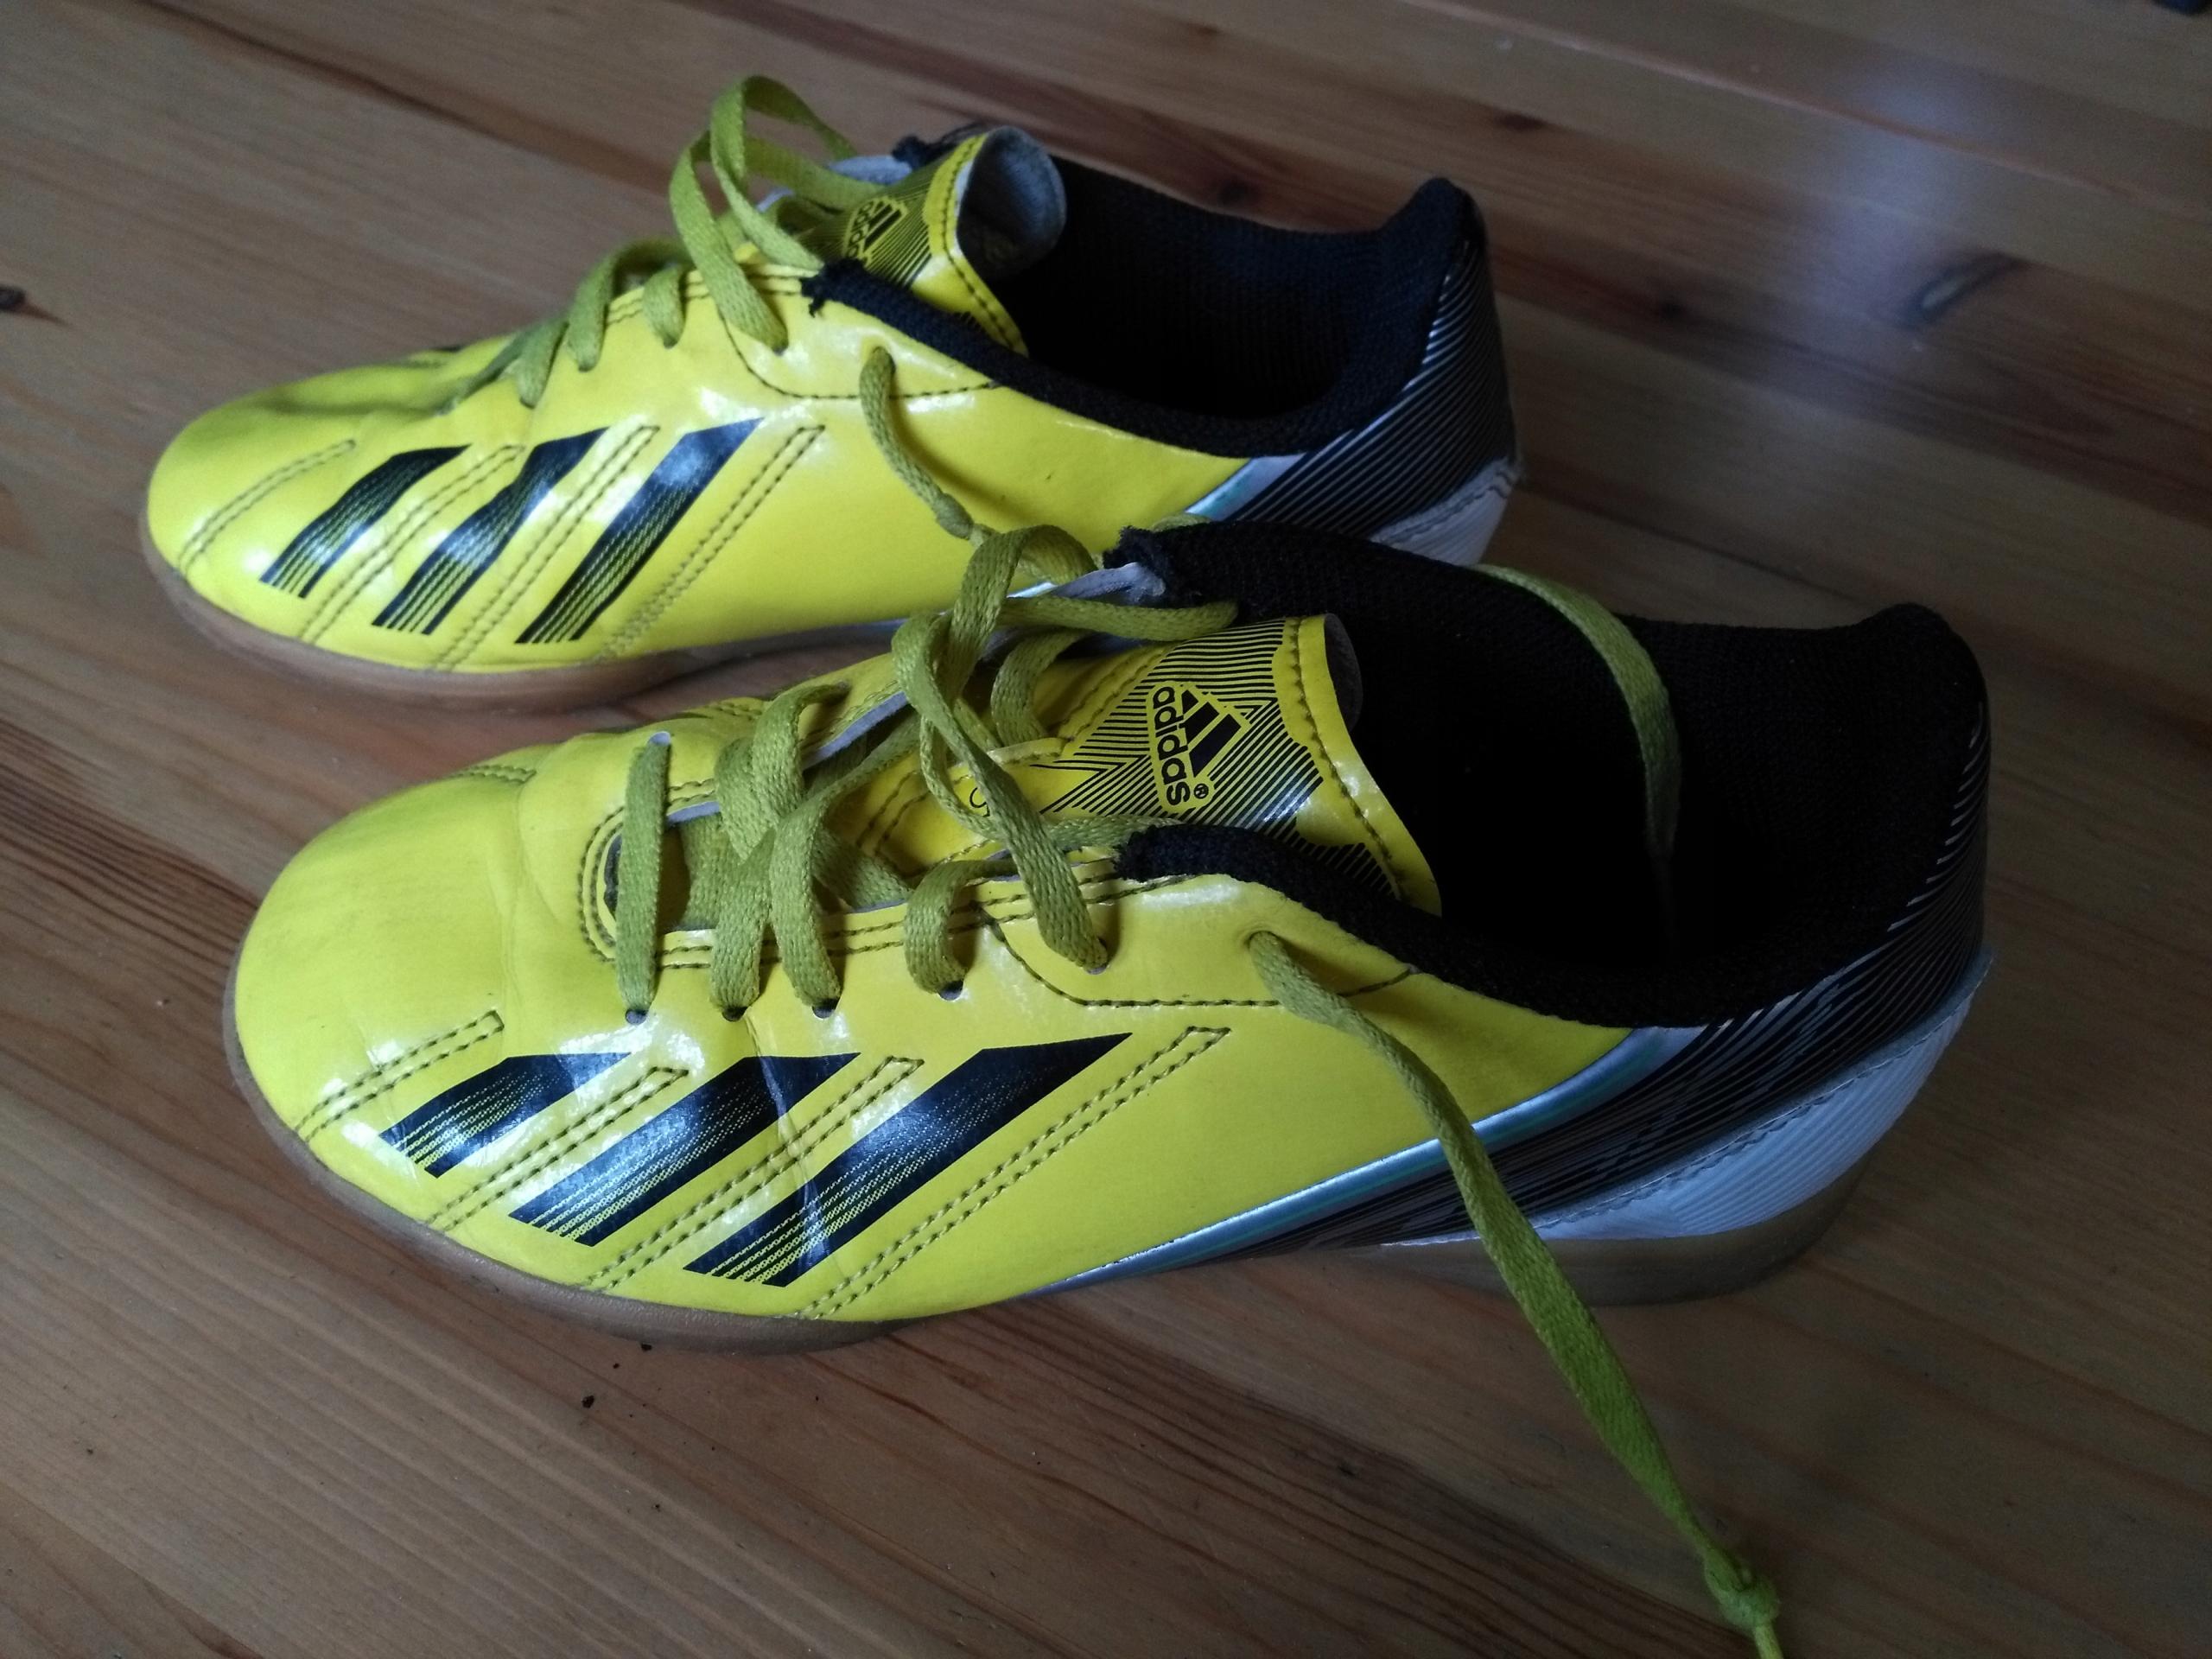 966f33b10ba0e Buty piłkarskie halowe ADIDAS F50 roz. EU33-20cm - 7679416963 ...